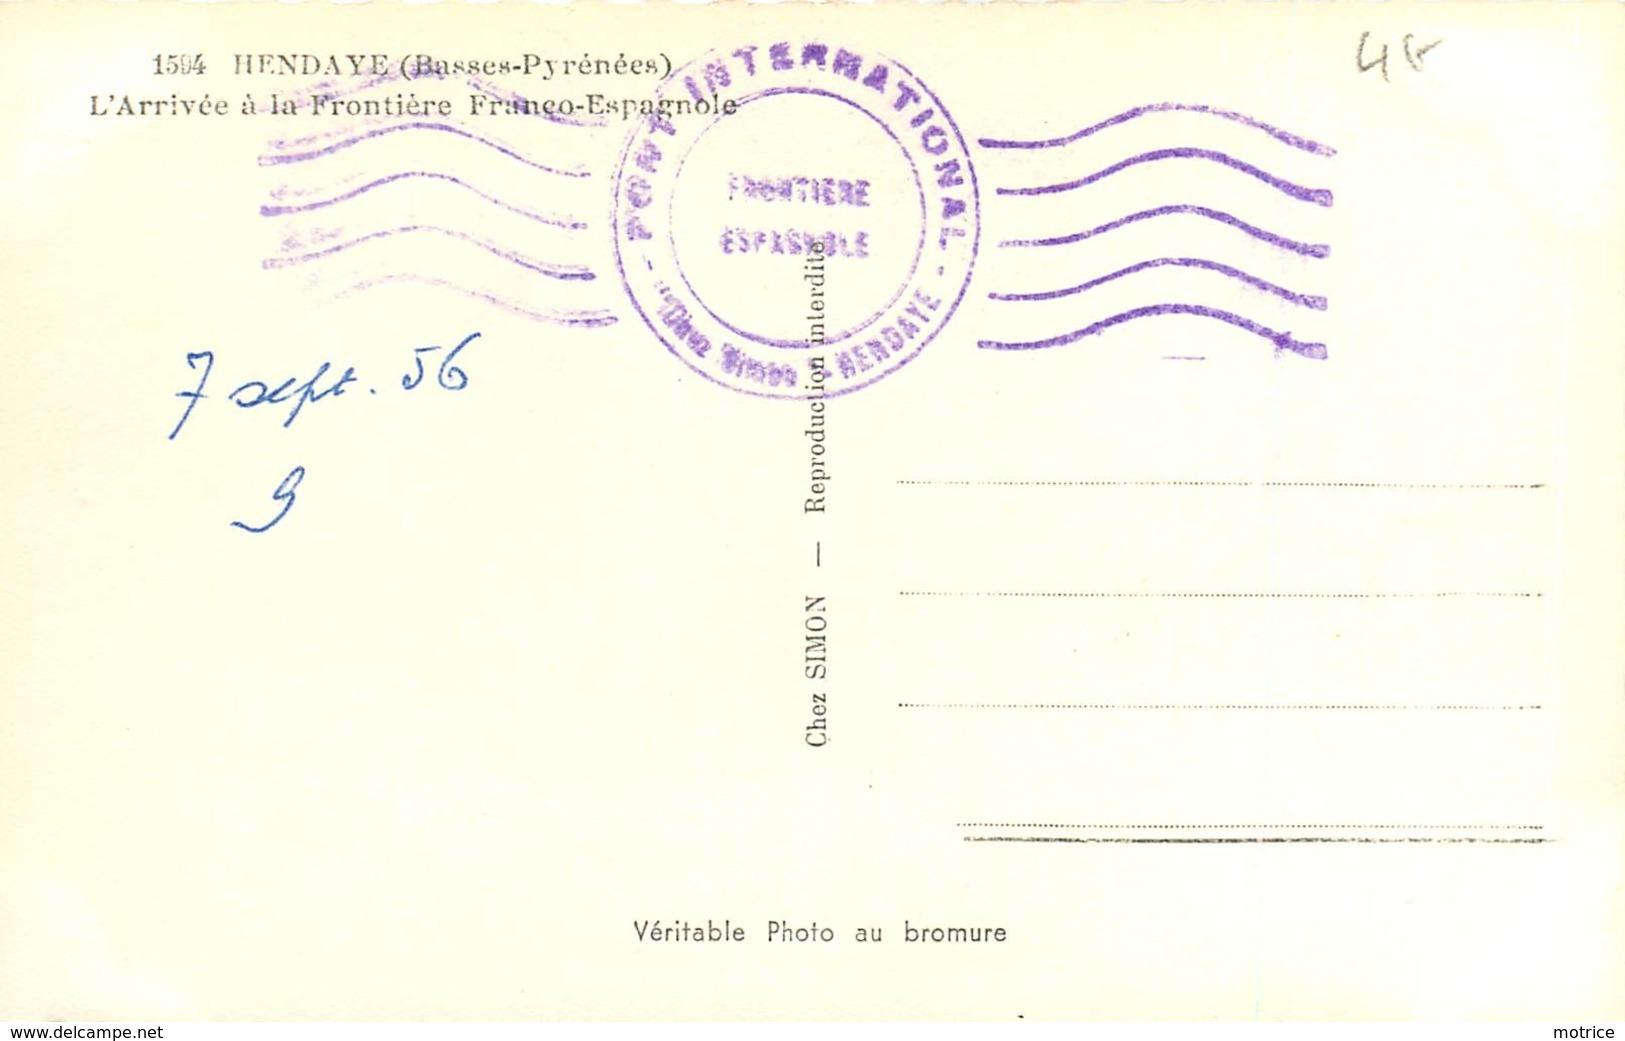 HENDAYE - L'arrivée à La Frontière Franco-Espagnole,voitures Années 50. - Dogana